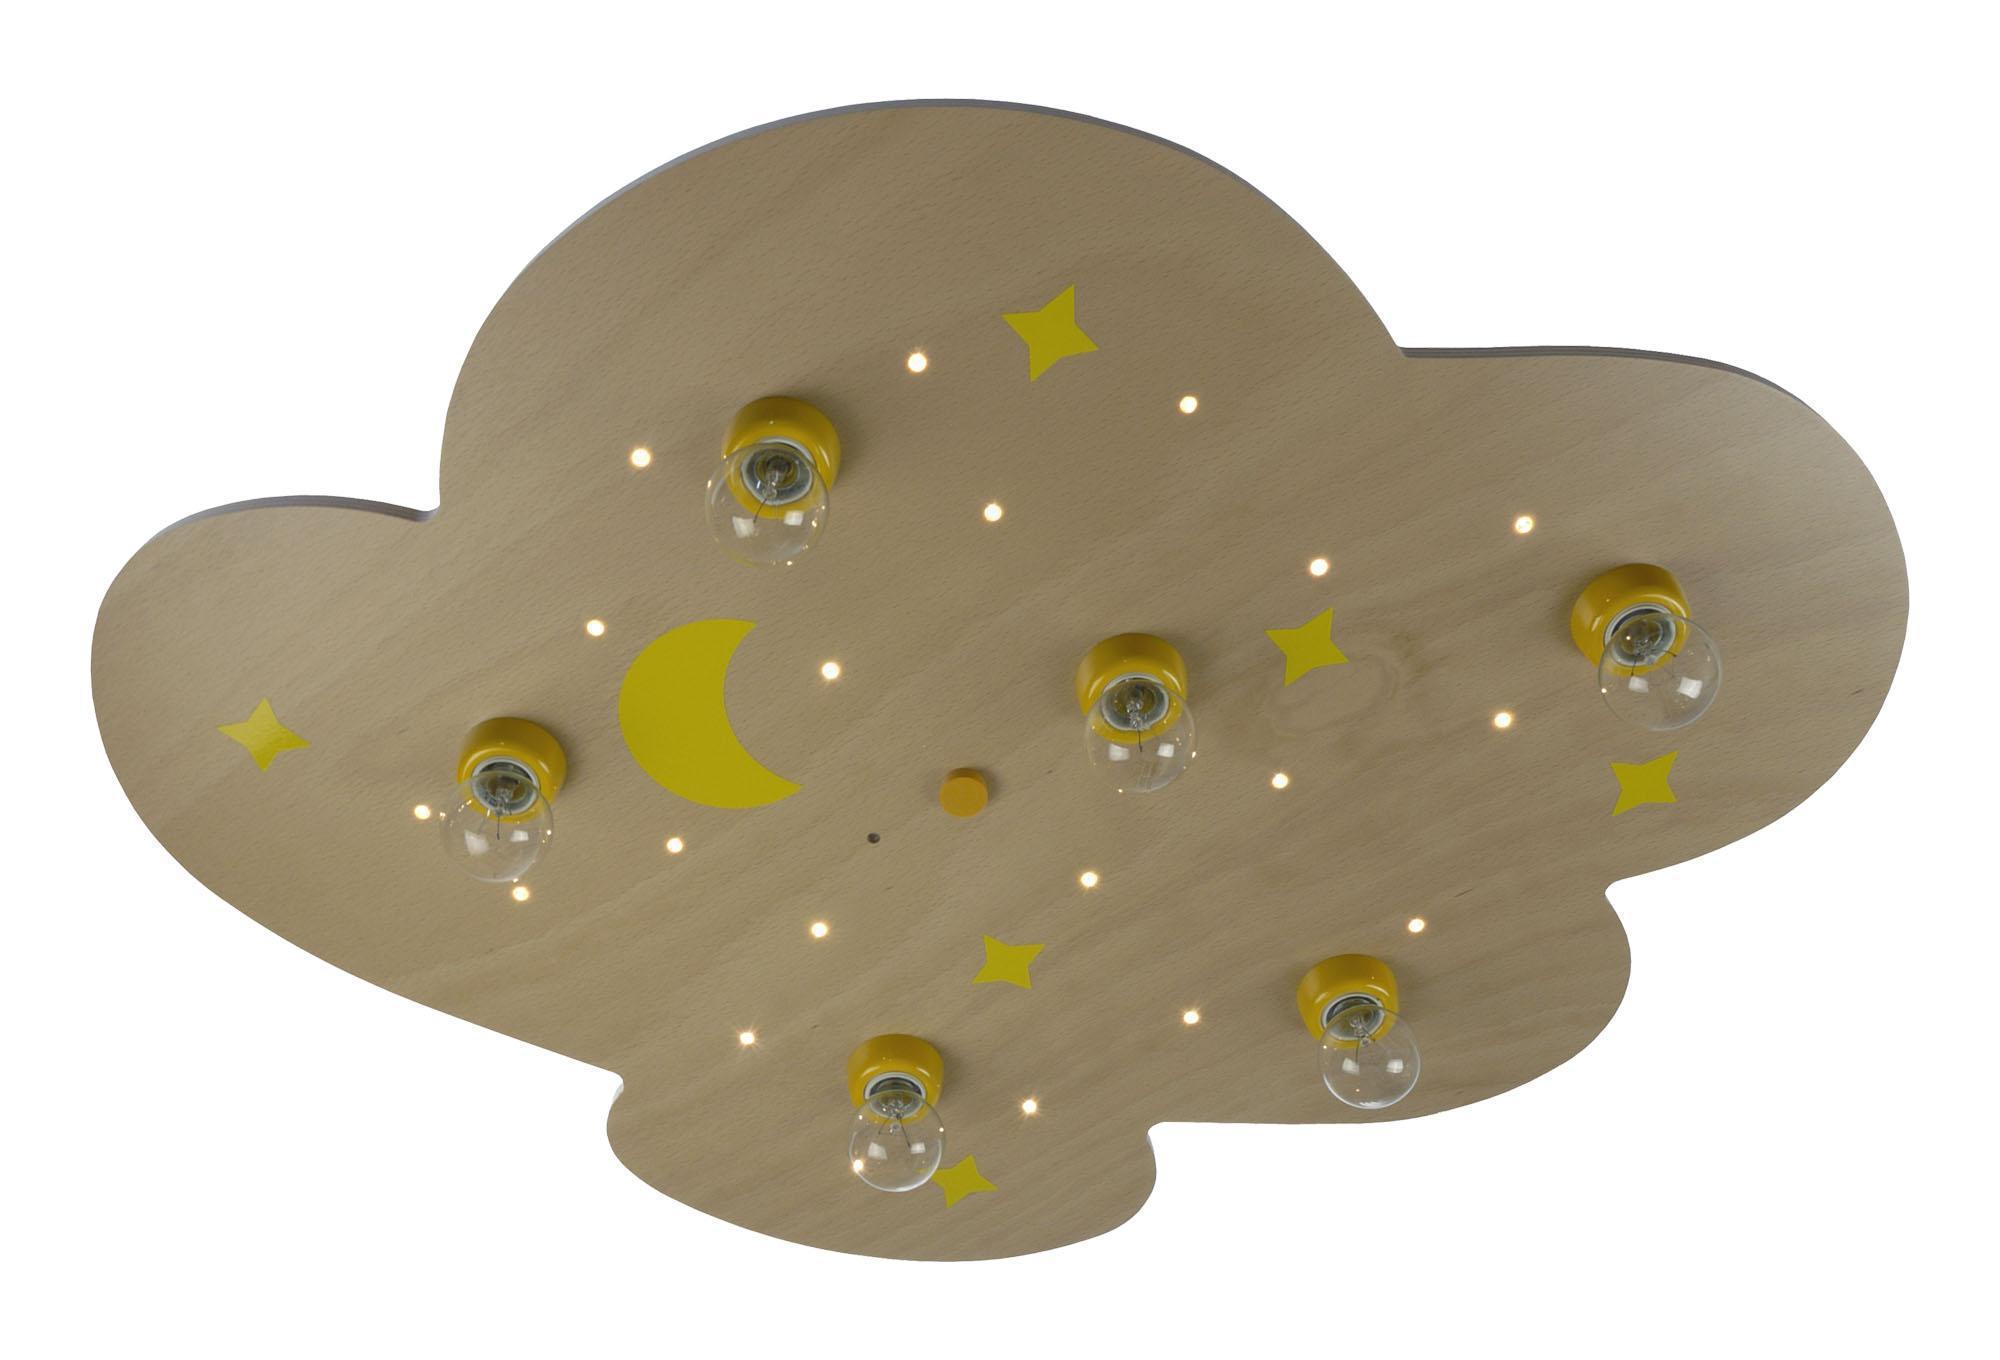 niermann deckenlampe wolke xxl mit sternenhimmel buche led kinderlampen im. Black Bedroom Furniture Sets. Home Design Ideas